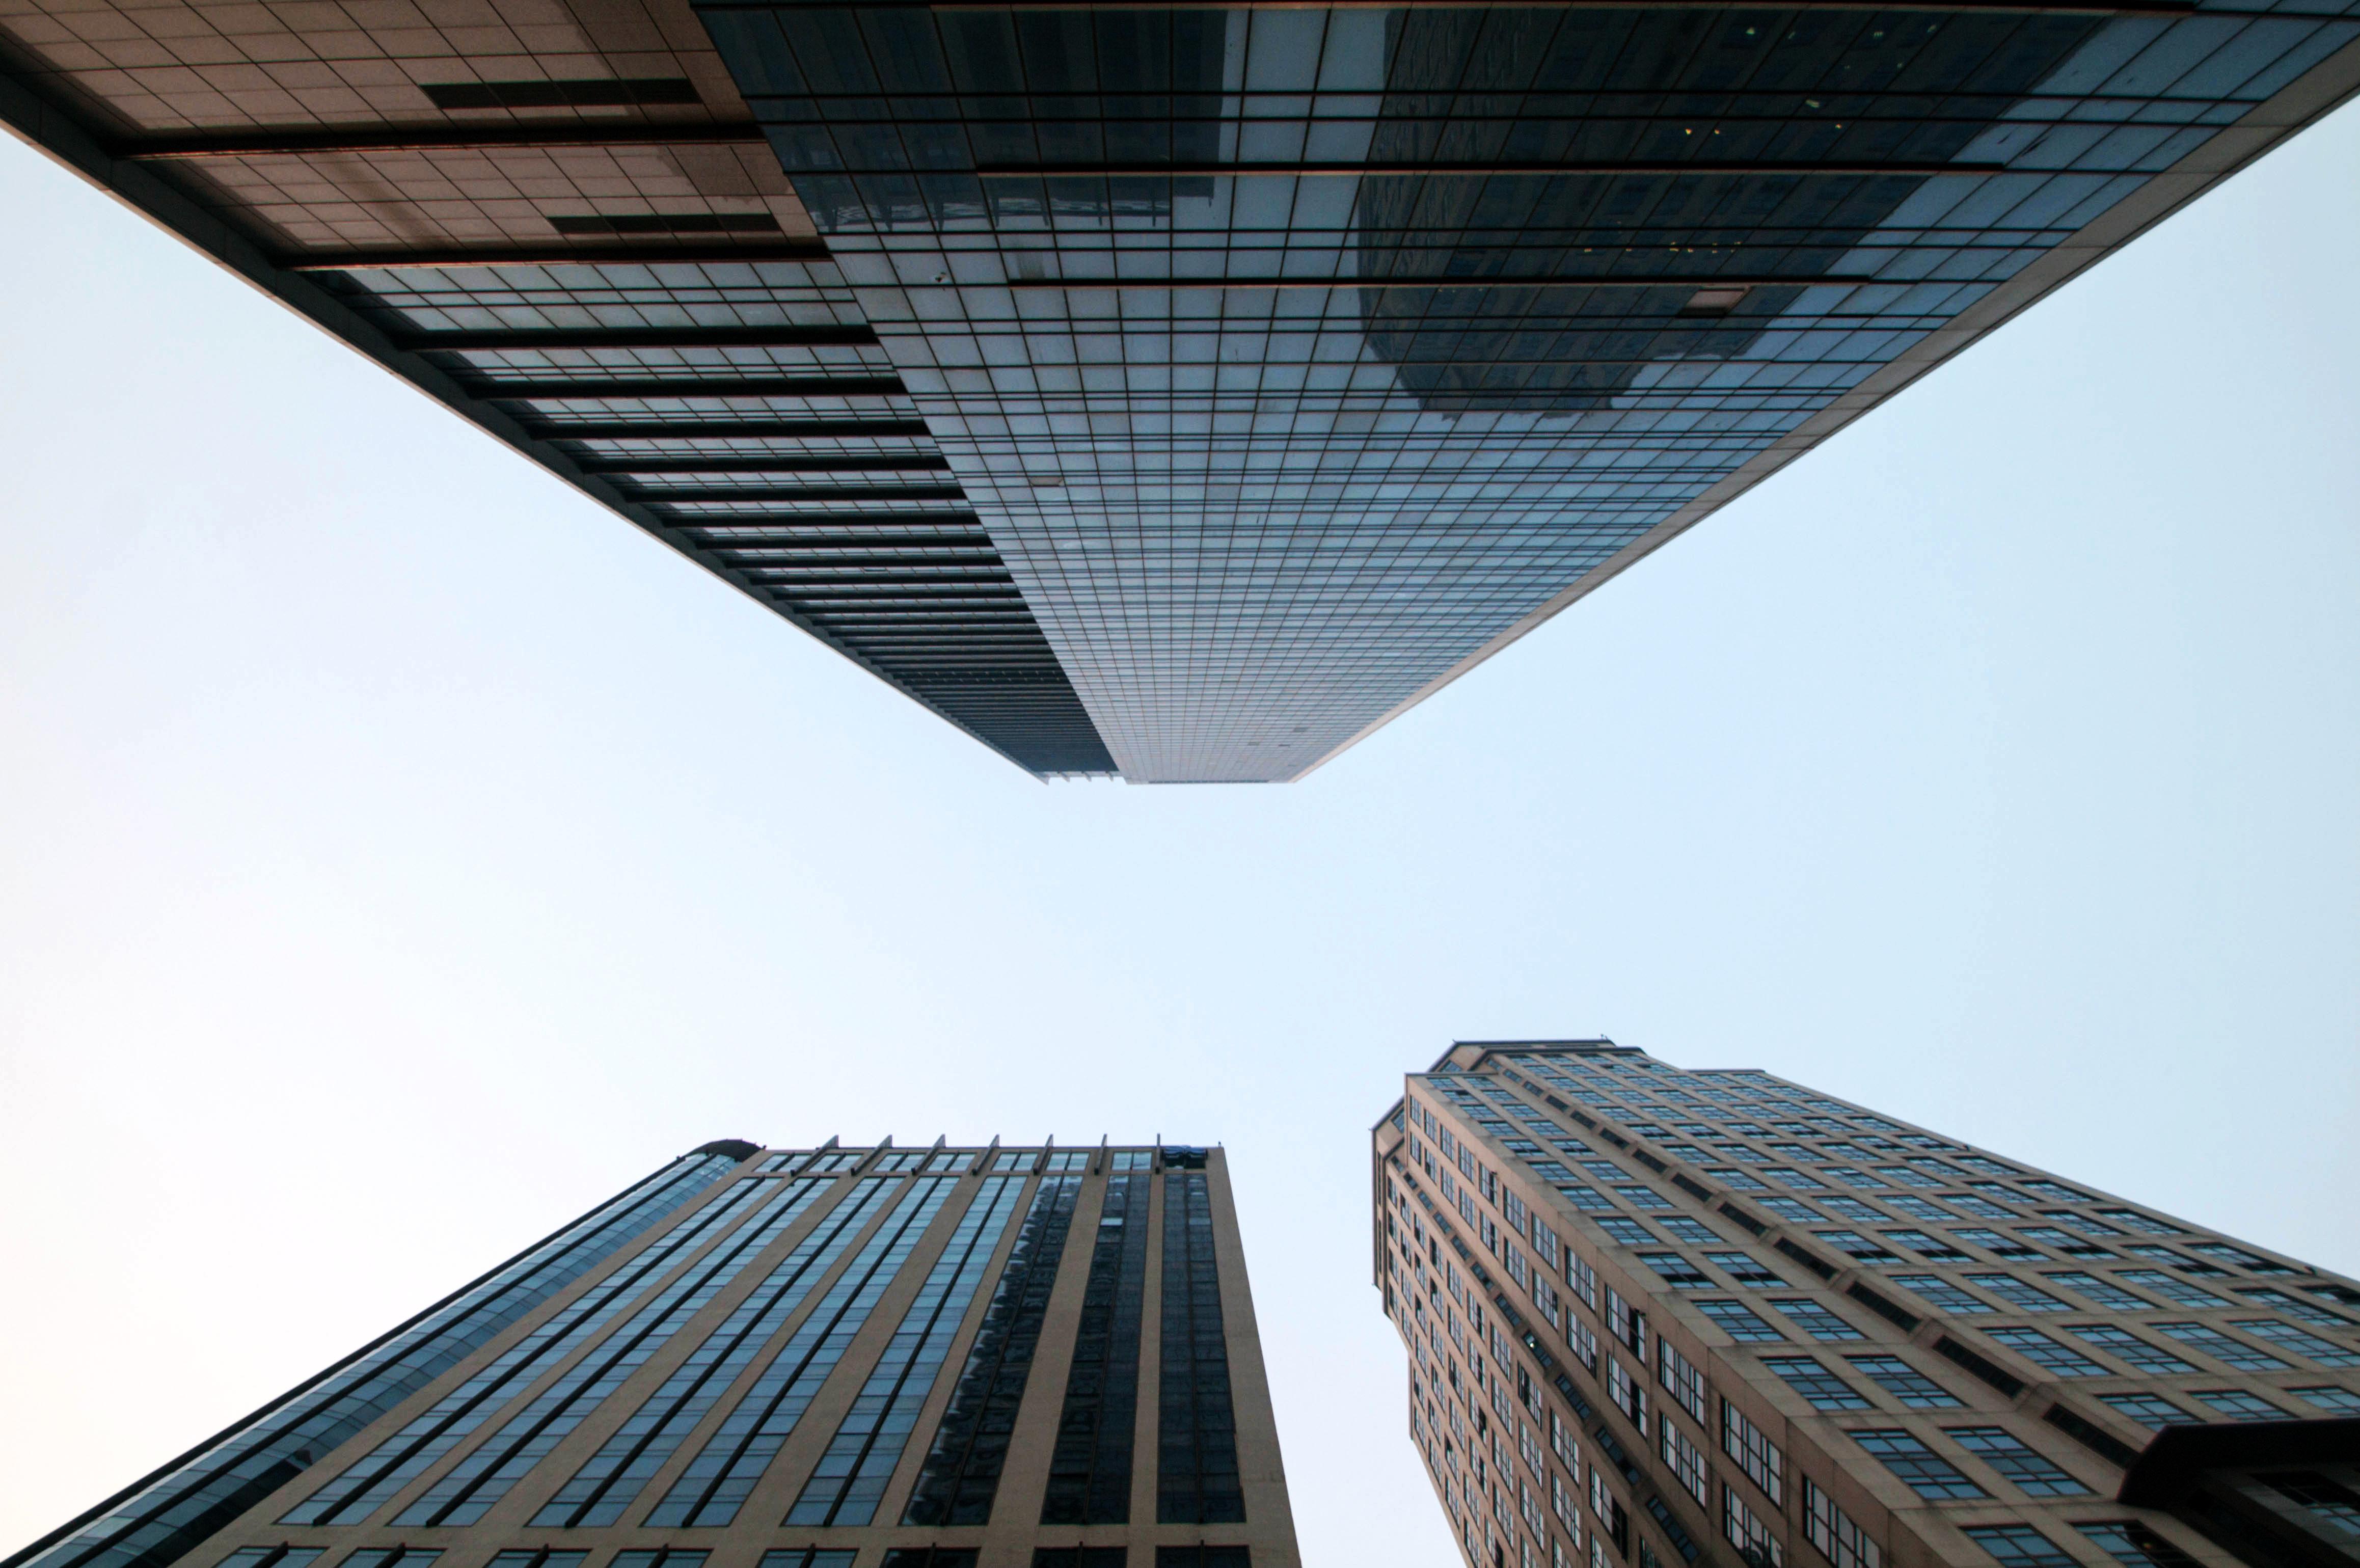 Fond d 39 cran ville rue architecture bois sym trie for Conception d architecture en ligne